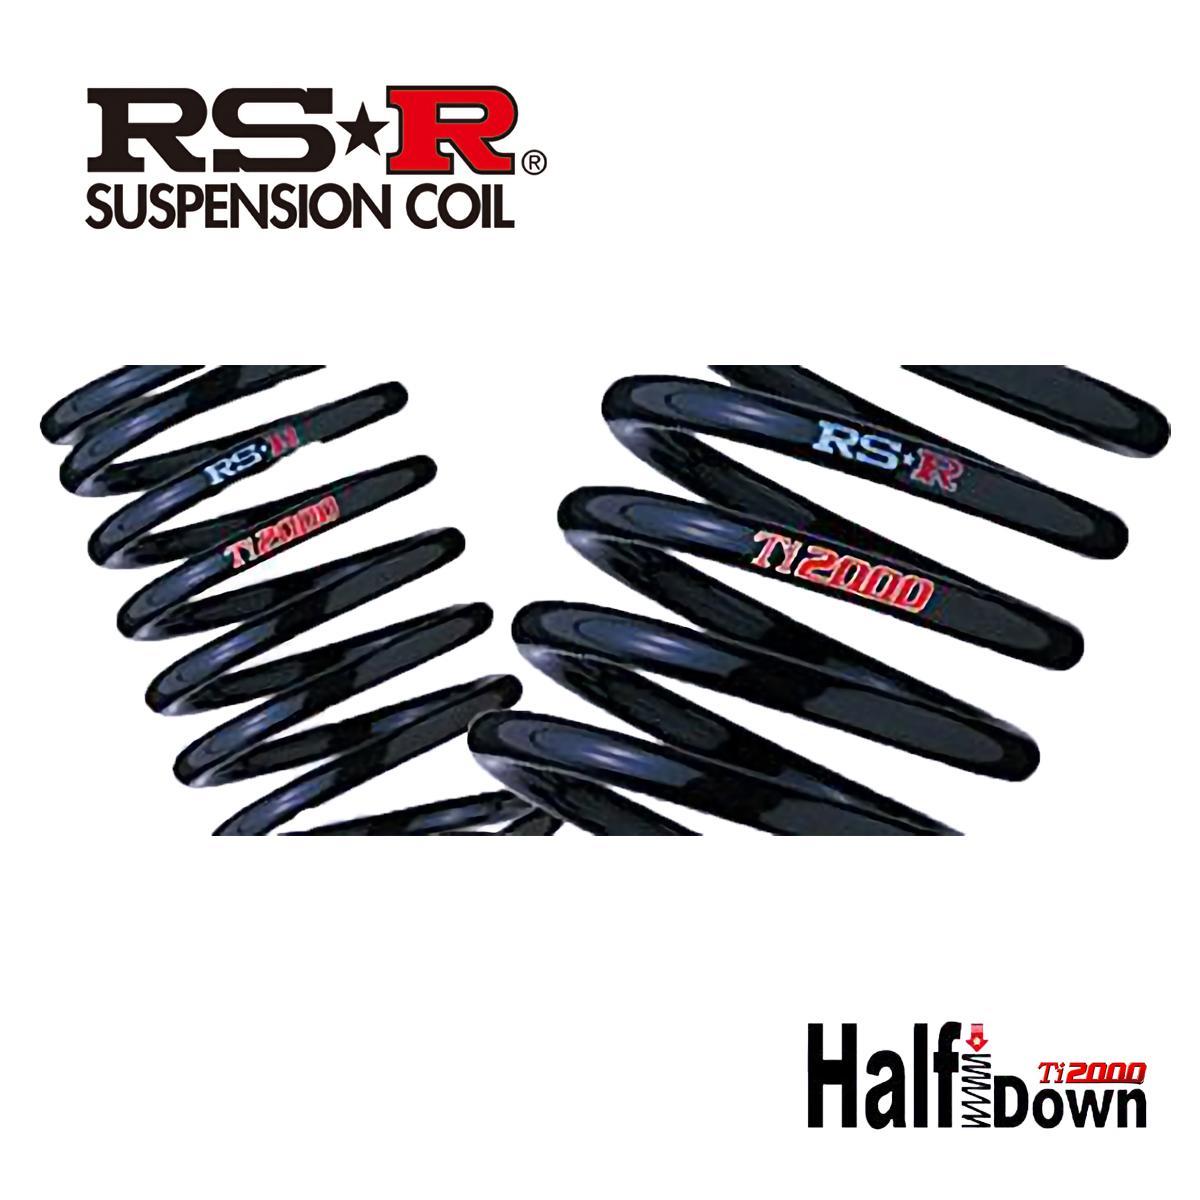 RS-R ジャスティ G スマートアシスト M900F ダウンサス スプリング フロント T513THDF Ti2000 ハーフダウン RSR 個人宅発送追金有